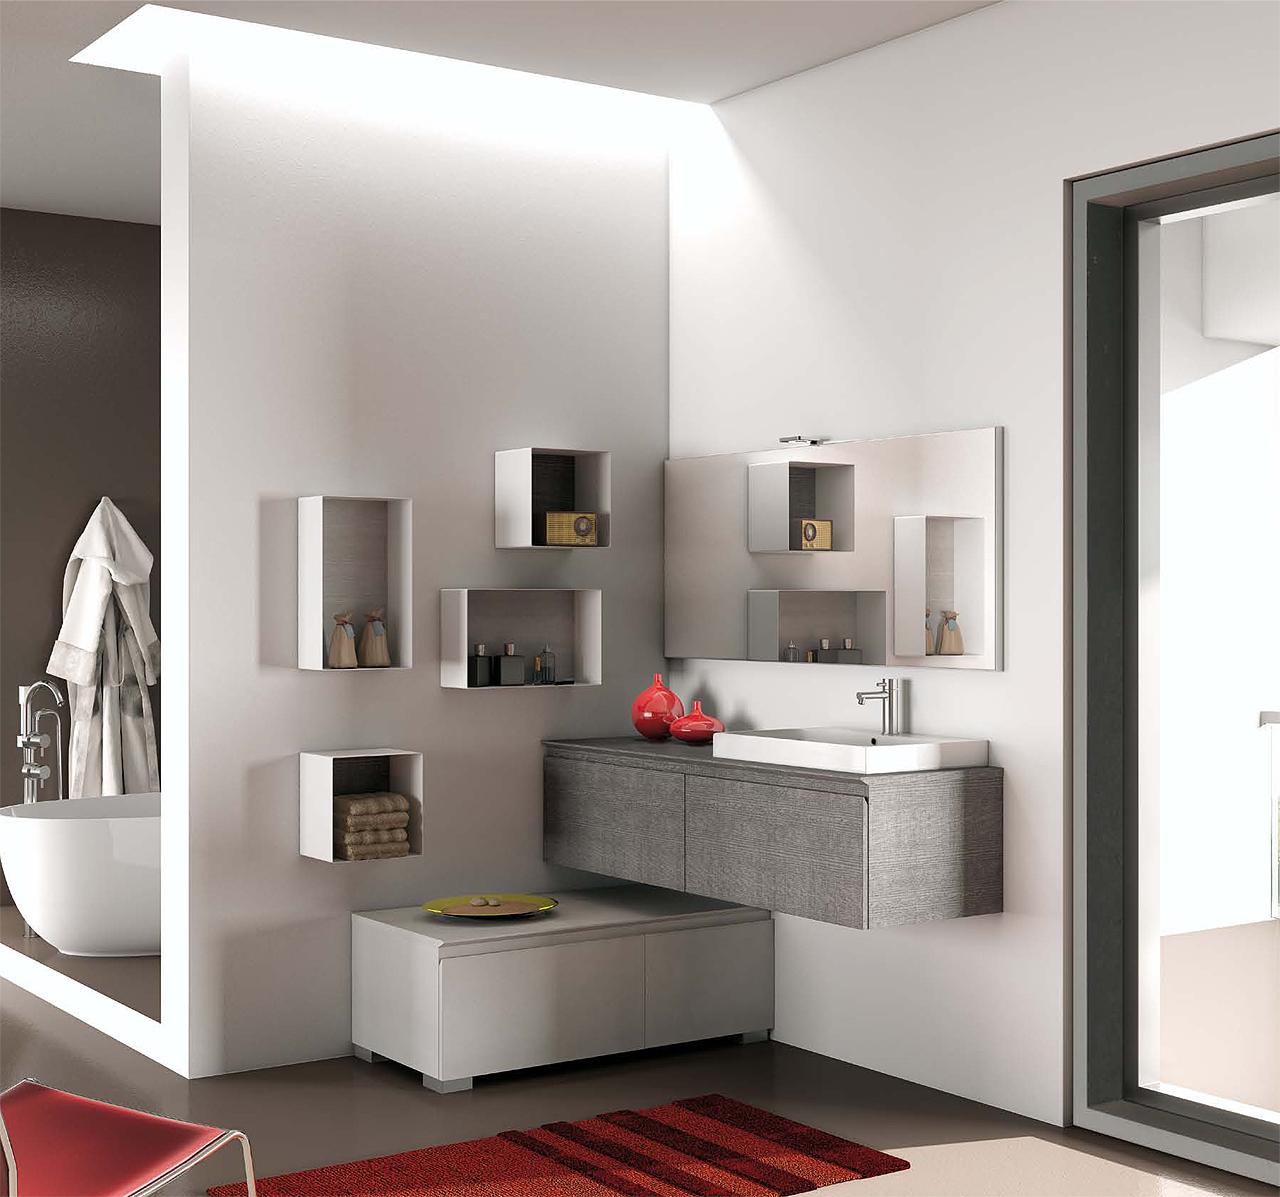 light design arredamento bagni progettazione e